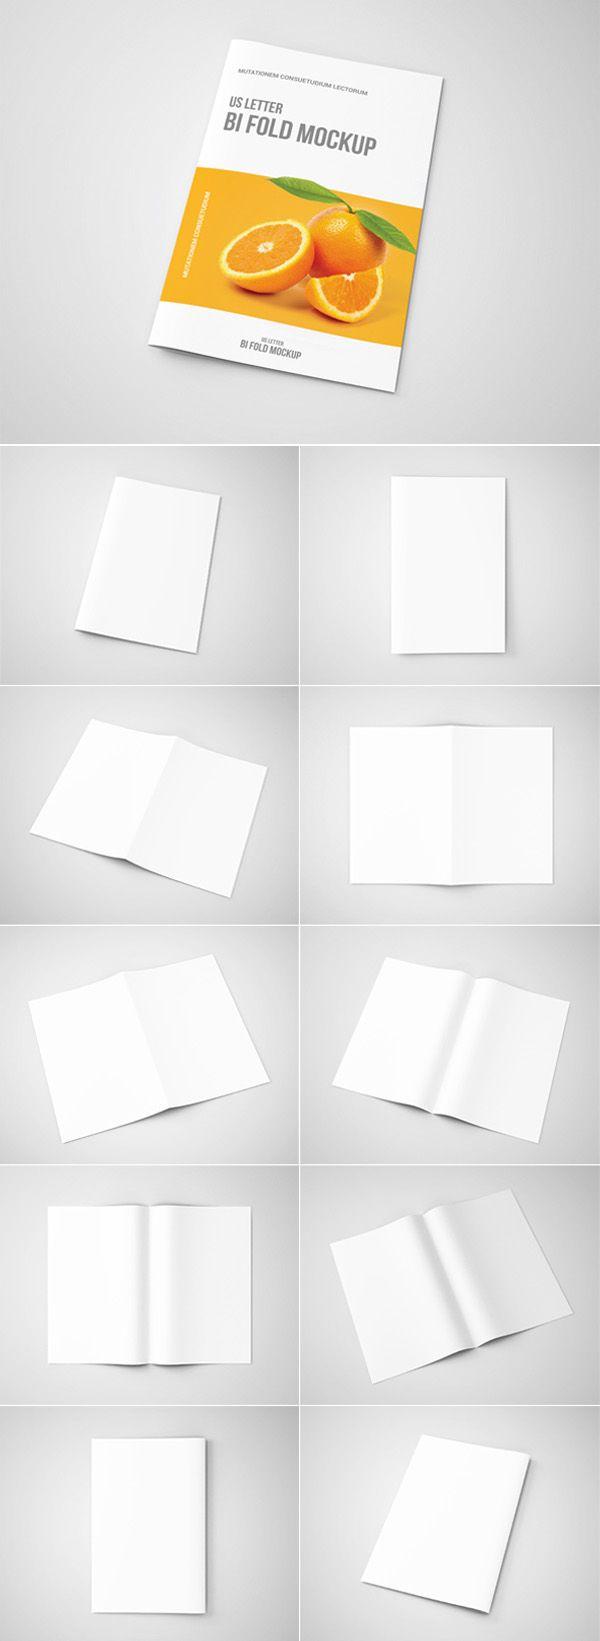 Bi Fold Brochure Mock Up Us Letter Graphic Design Mockup Mockup Templates Mockup